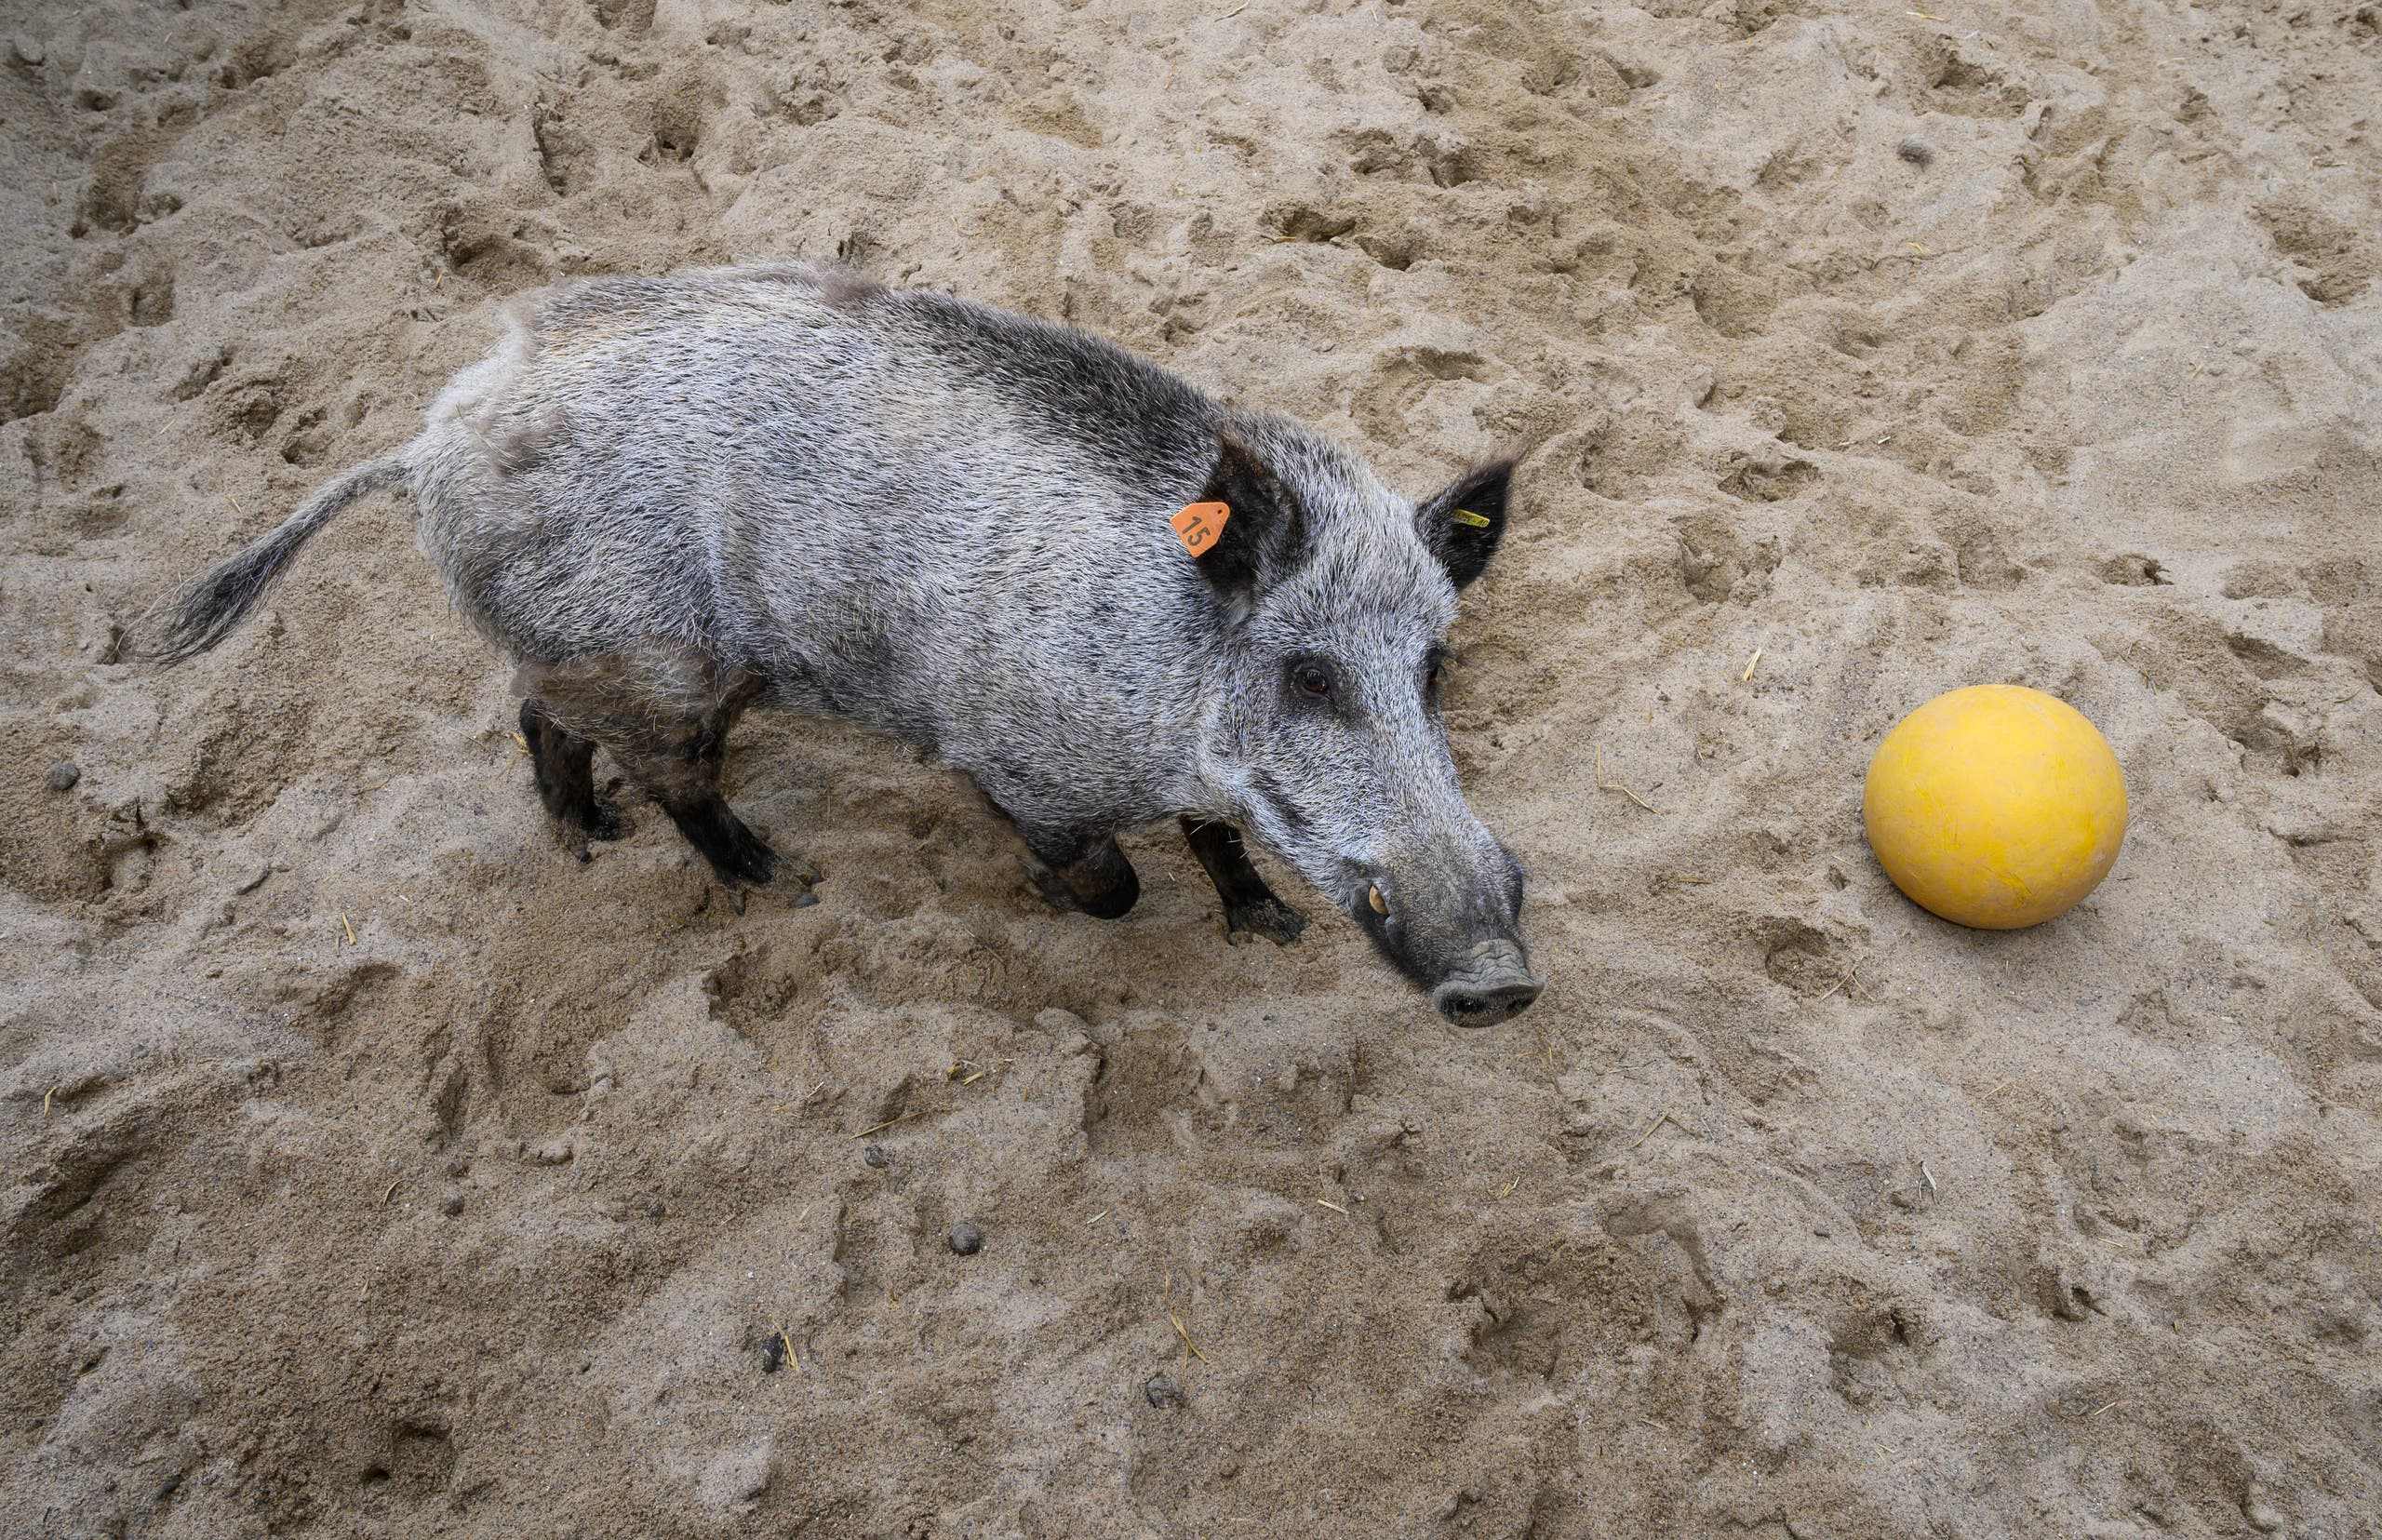 خنزير بري في ألمانيا (أرشيفية)